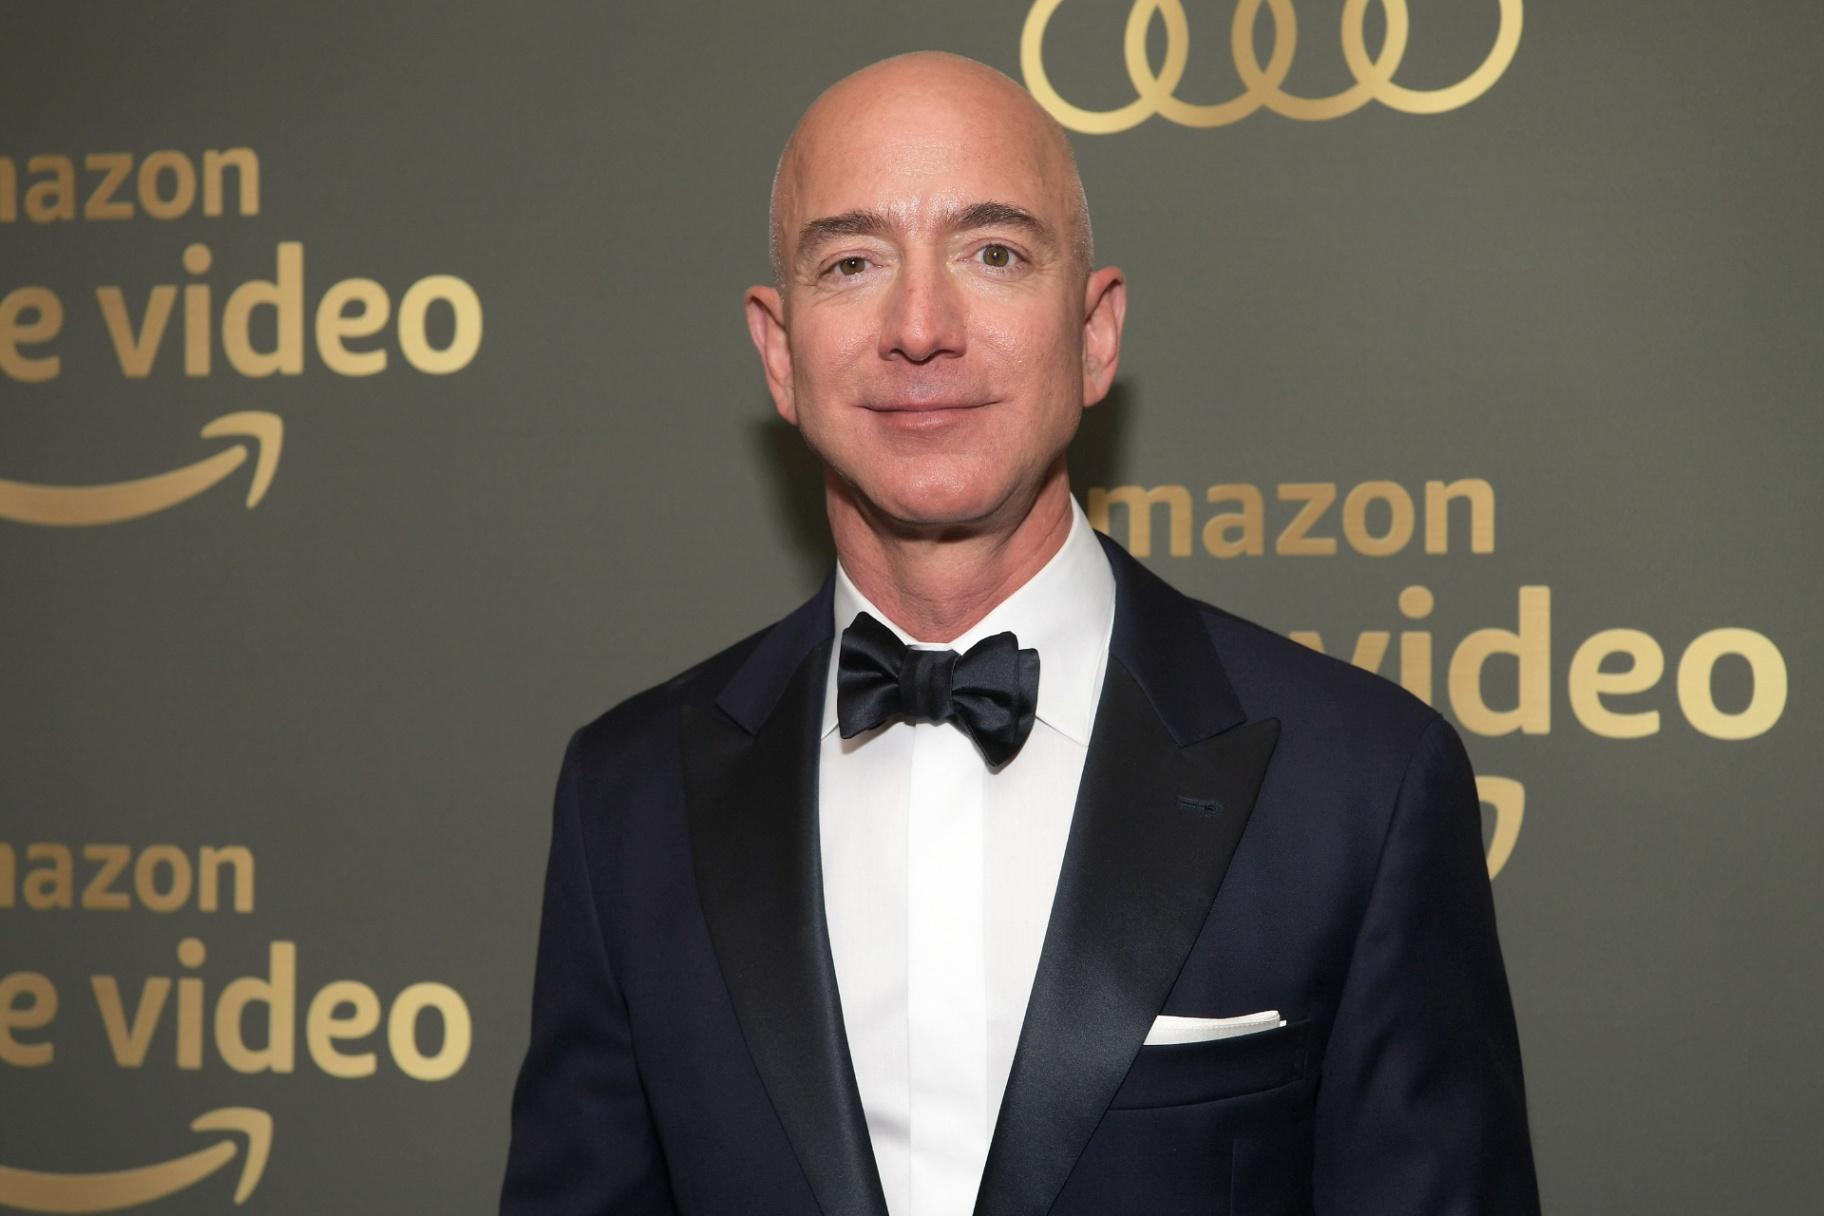 Les 15 Personnes les Plus Riches au Monde - Découvrez-les Ici